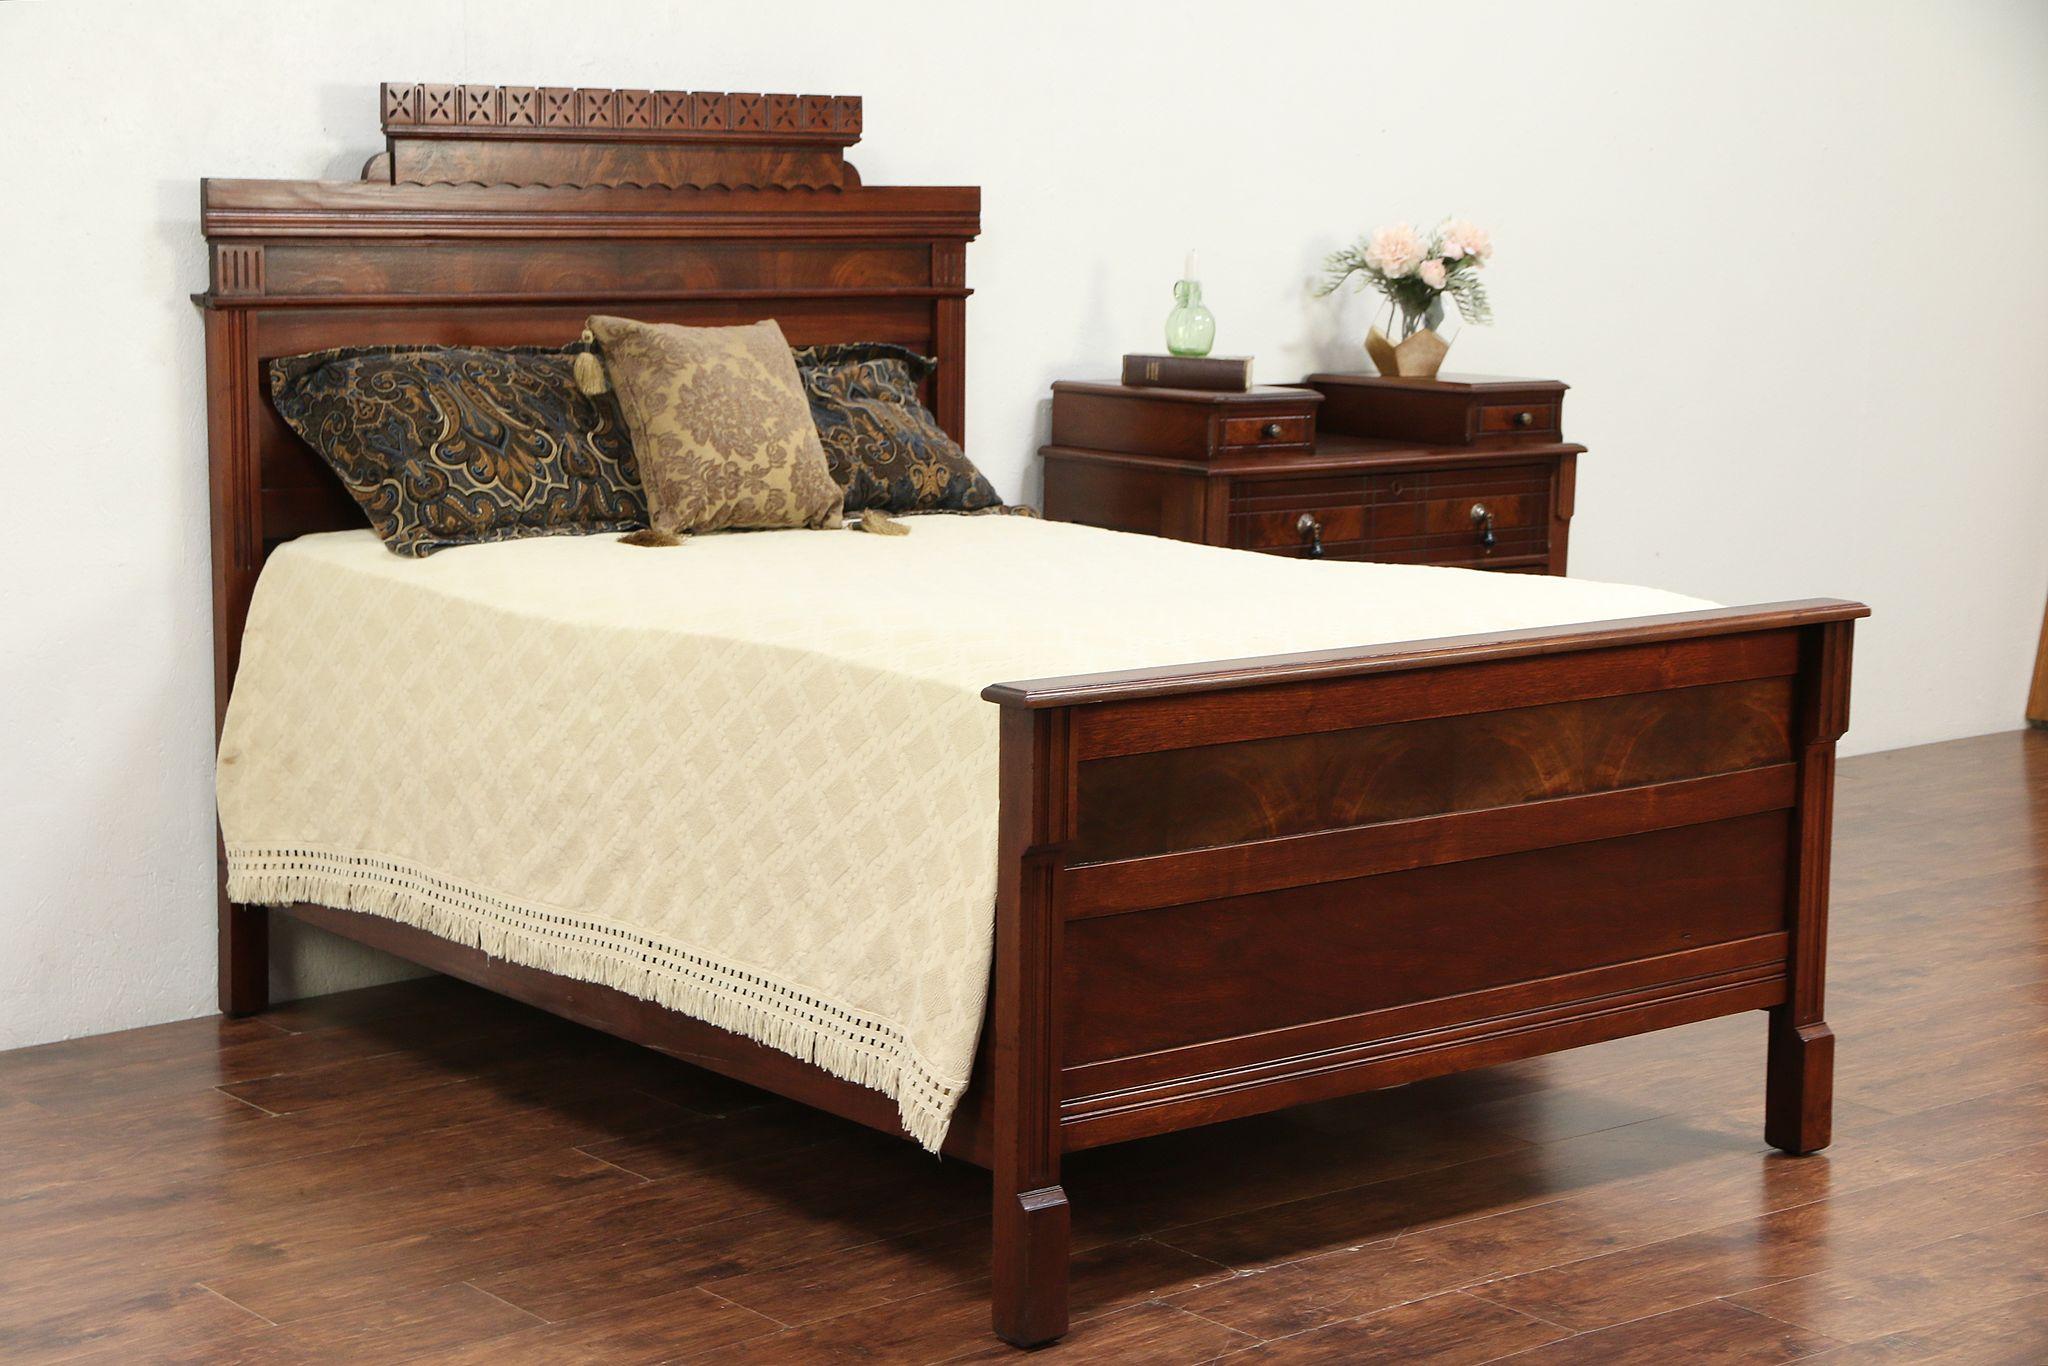 Victorian Eastlake Antique Walnut & Burl 2 Pc Bedroom Set, Full Size Bed  #29851